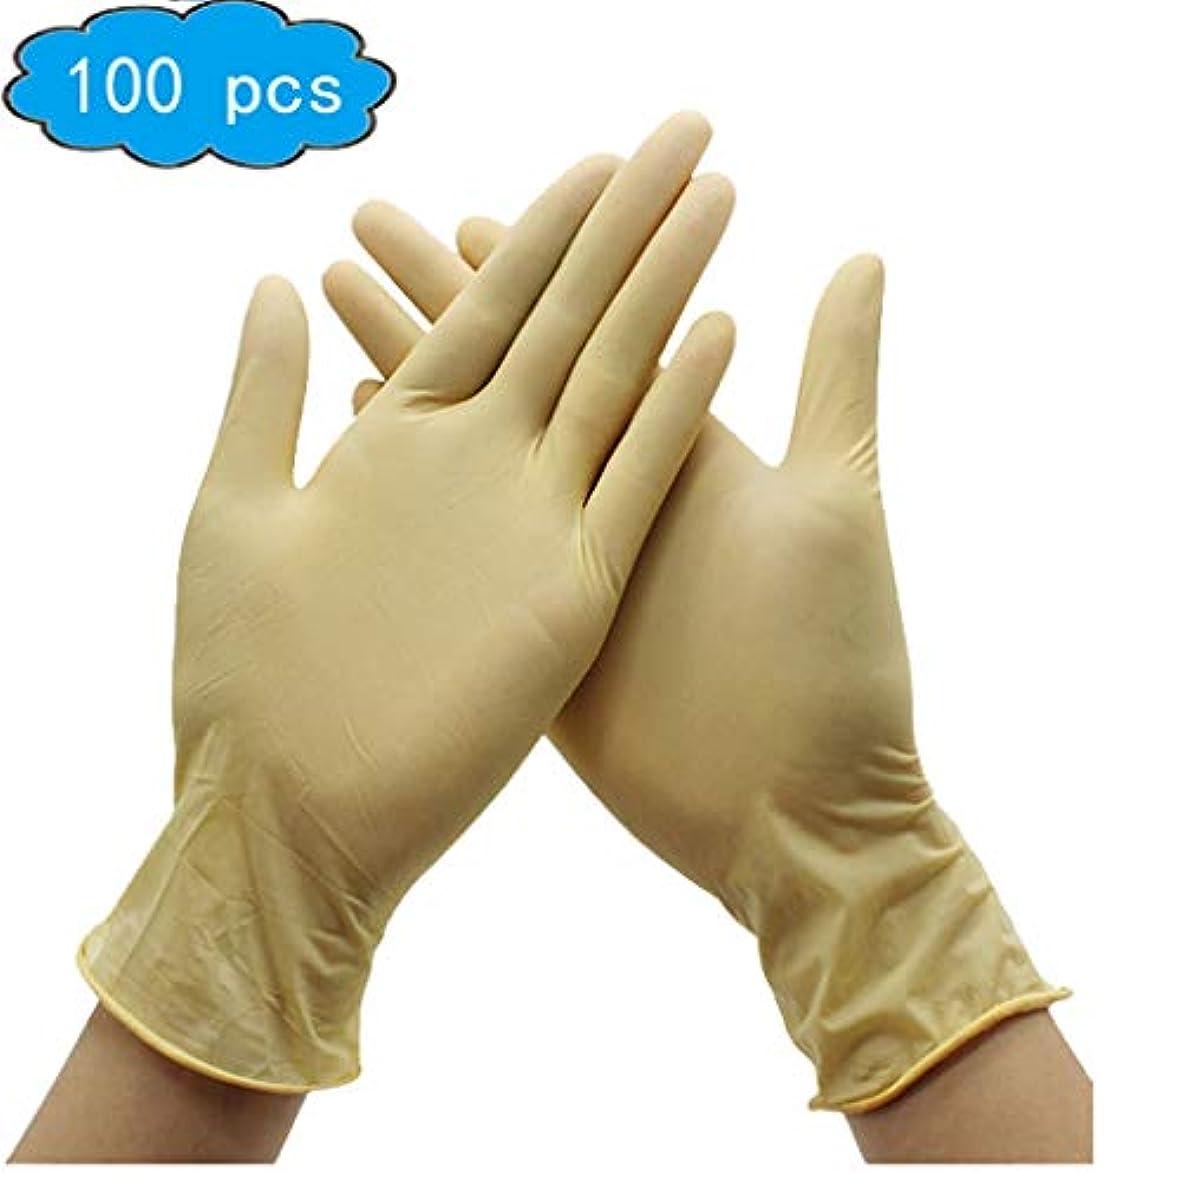 引数冒険家寄り添うラテックス手袋、試験/食品グレードの安全製品、使い捨て手袋および手袋Dispensers 100psc、衛生手袋、健康、家庭用ベビーケア (Color : Beige, Size : L)